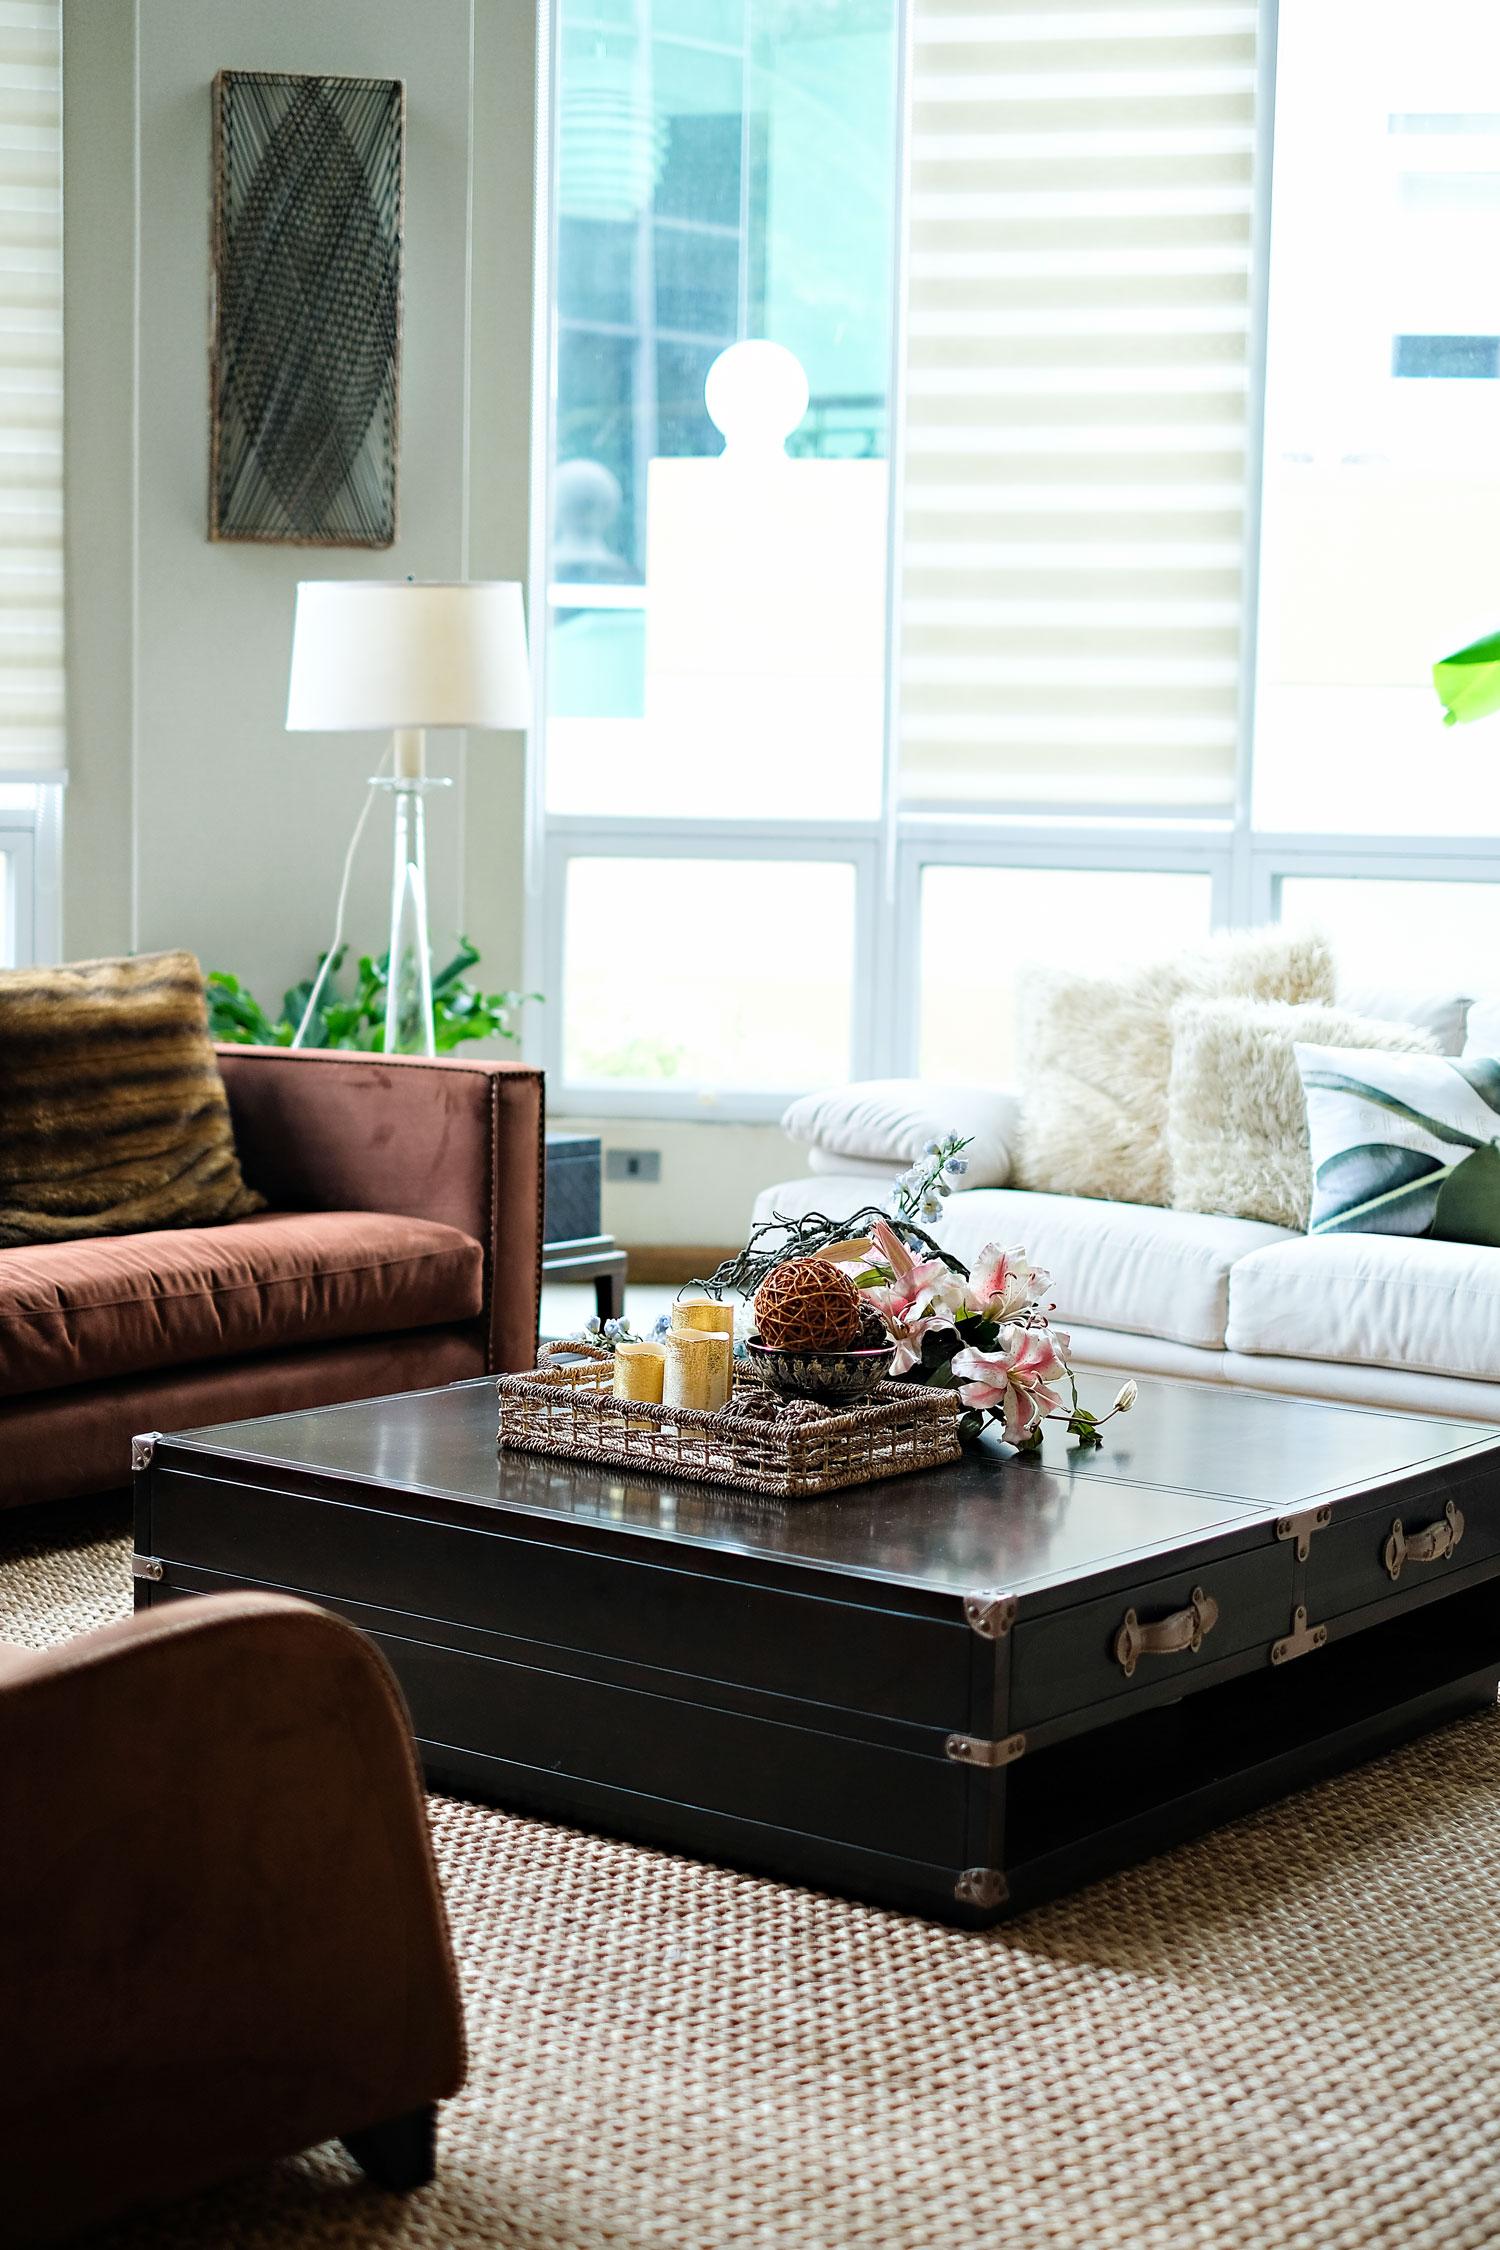 Atendido-living-room.jpg